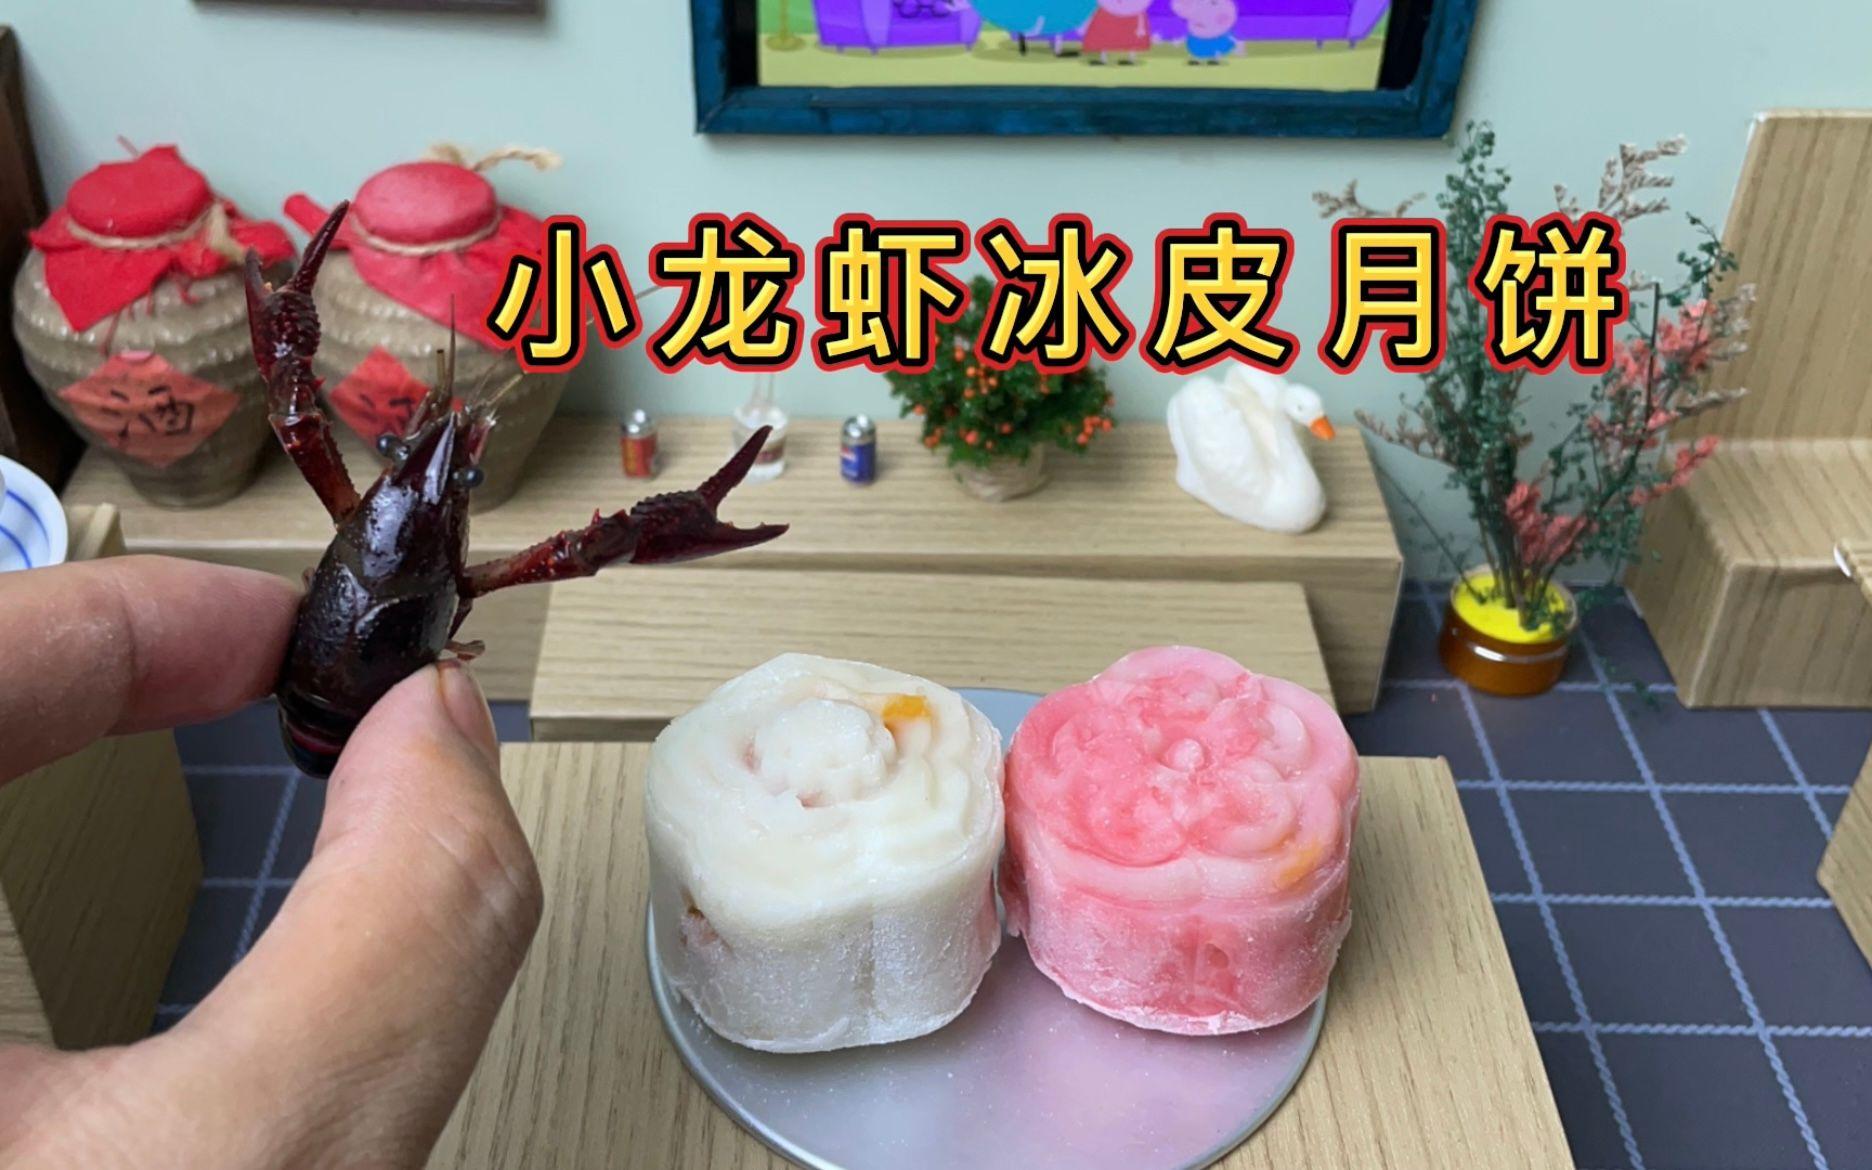 平常的月饼都吃腻?中秋将至,自制小龙虾冰皮月饼试下味道